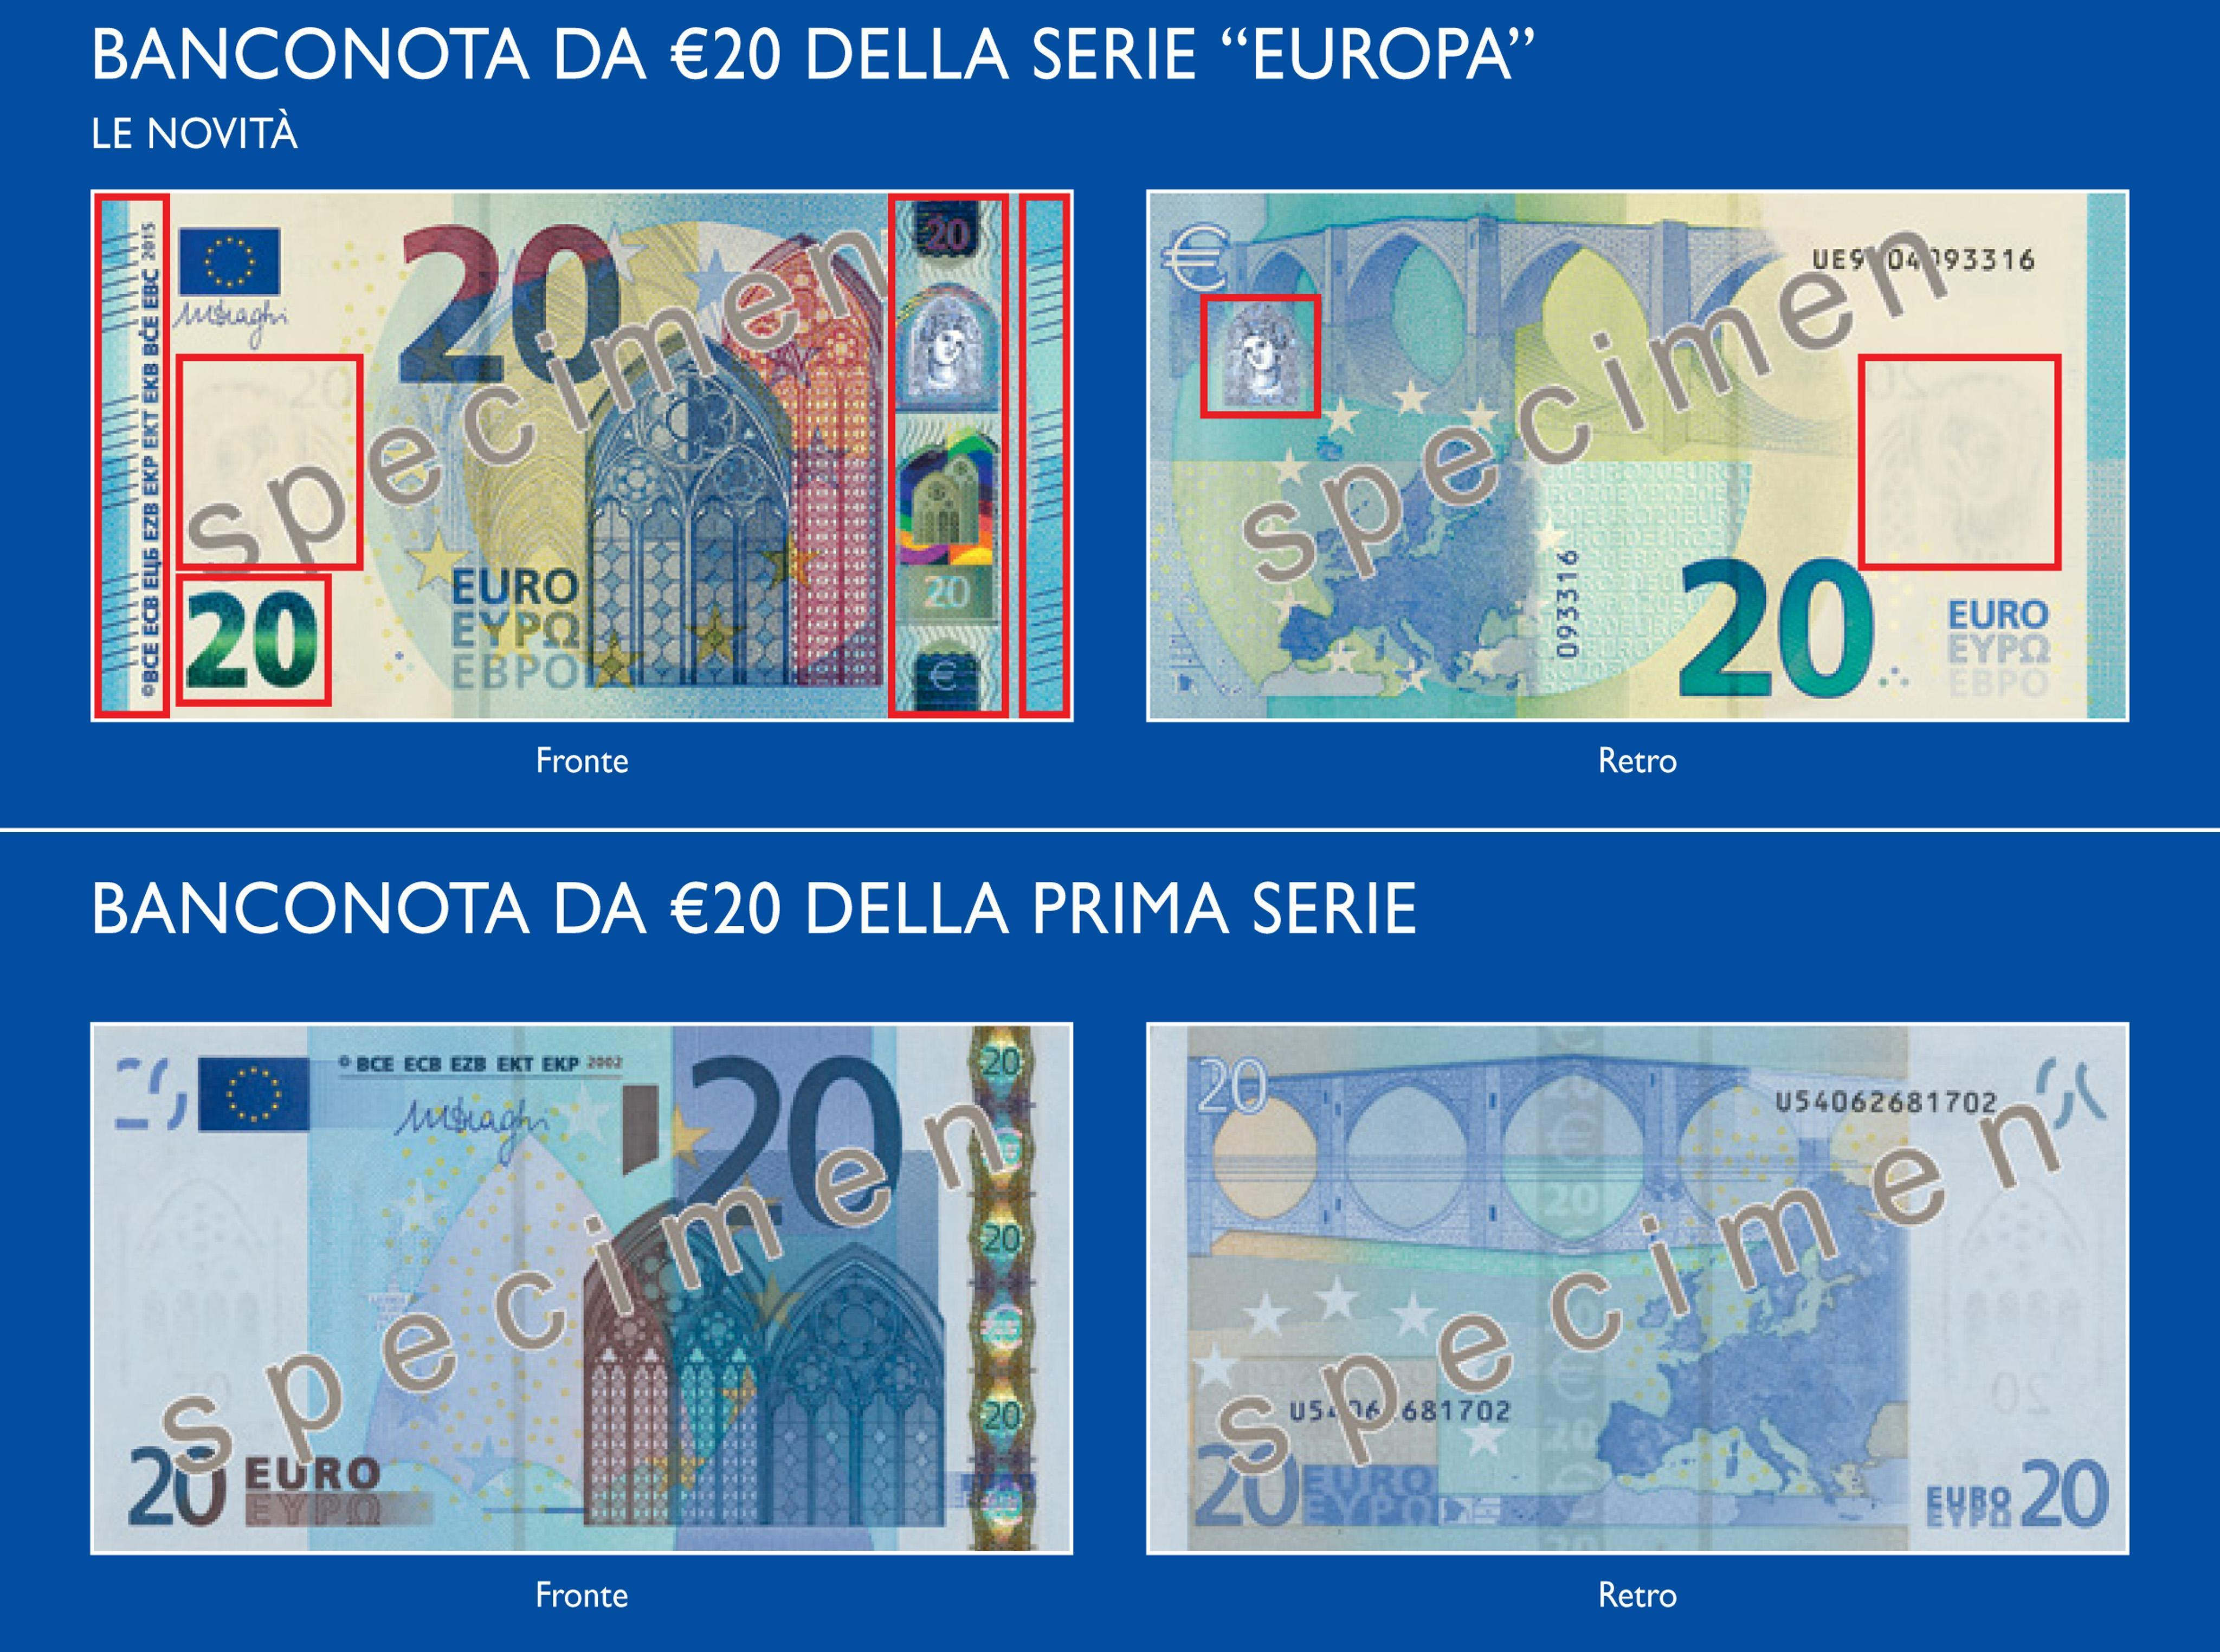 NEL 2020 ABBIAMO PERSO 2.600 € PRO CAPITE. NEL 2021 NE RECUPEREREMO SOLO 1.400